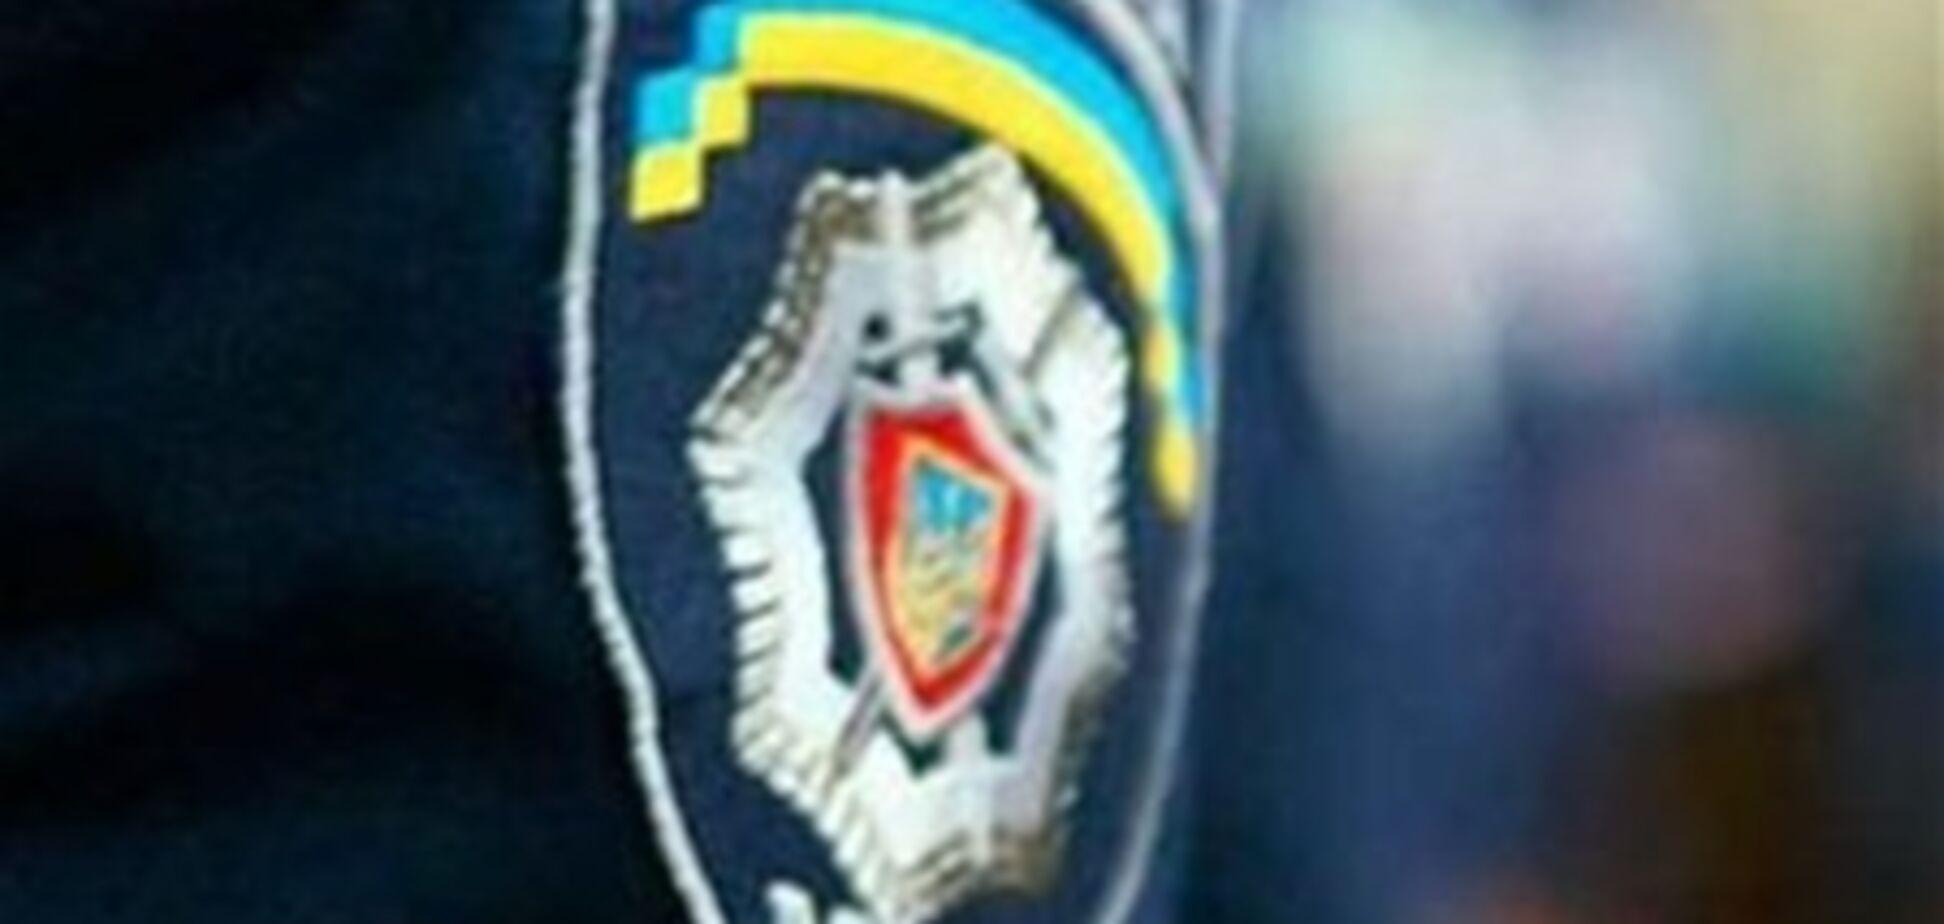 Міліція порушила справу за фактом підпалу автомобіля опозиціонера в Луганську